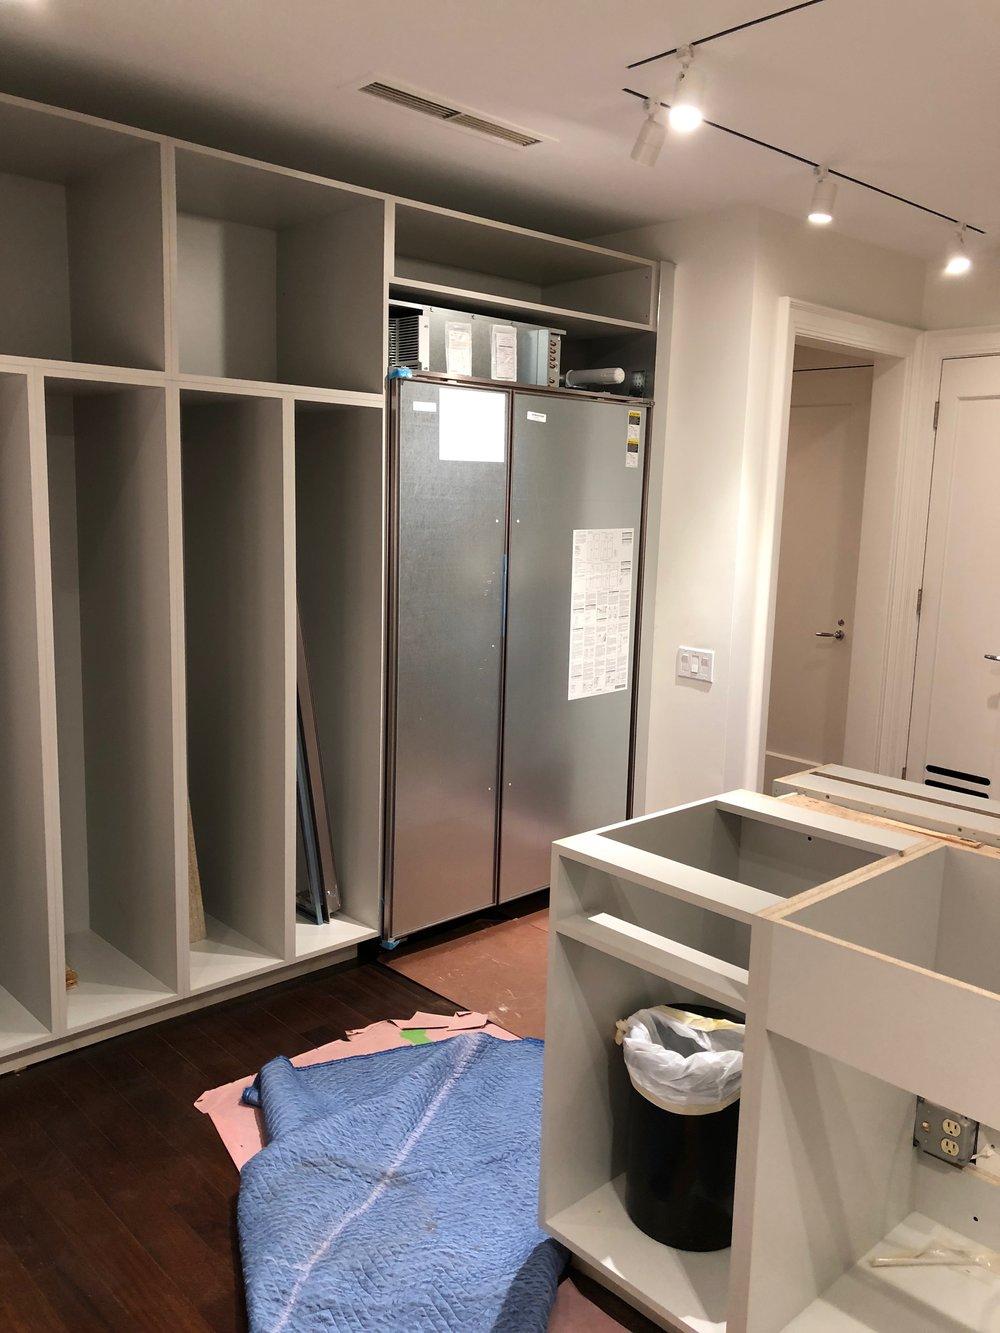 Kitchen Rehab Update